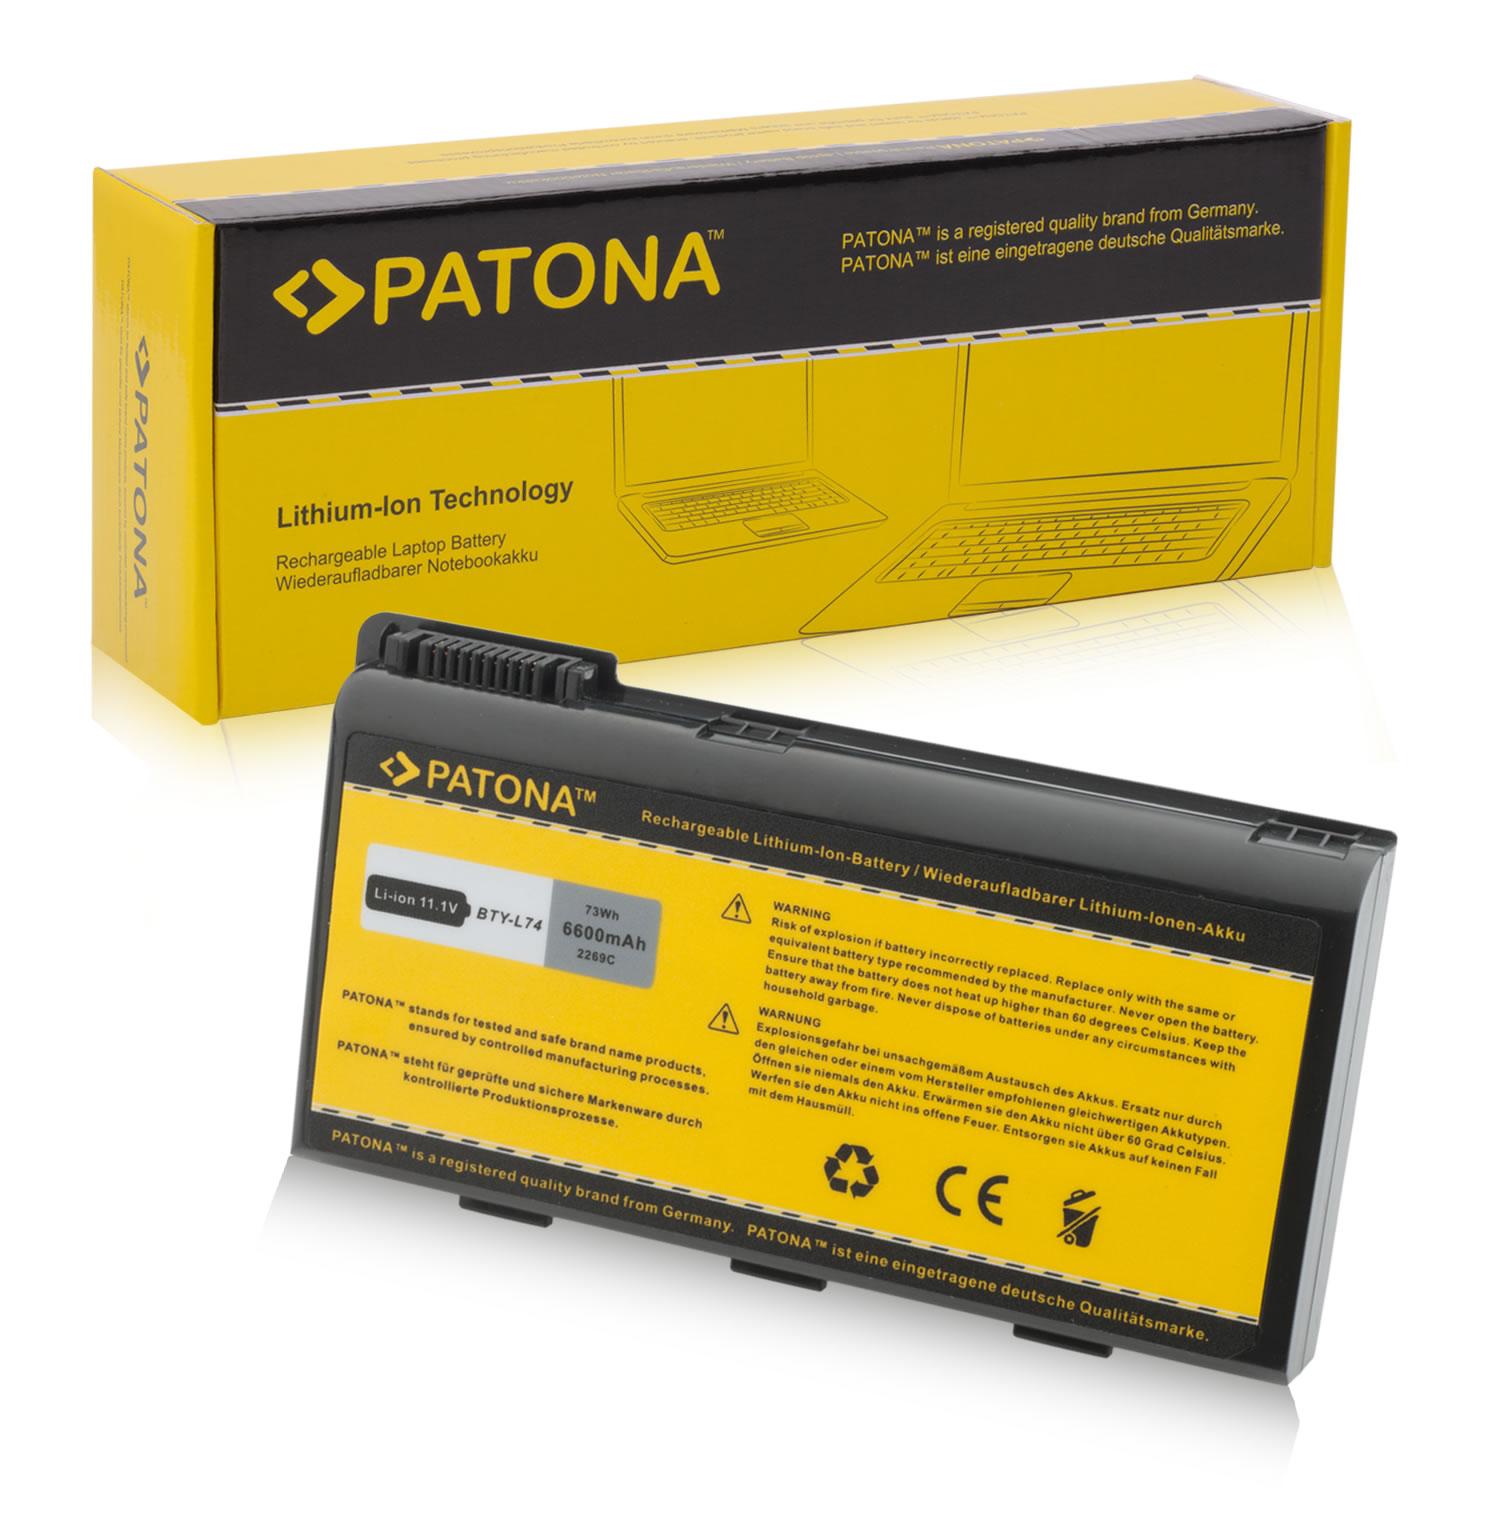 Battery MSI BTY L74 BTY L75 A6200 CR600 CR610 CR620 CX600 A500 6600mAh MSI Standard Batteries LAPTOP